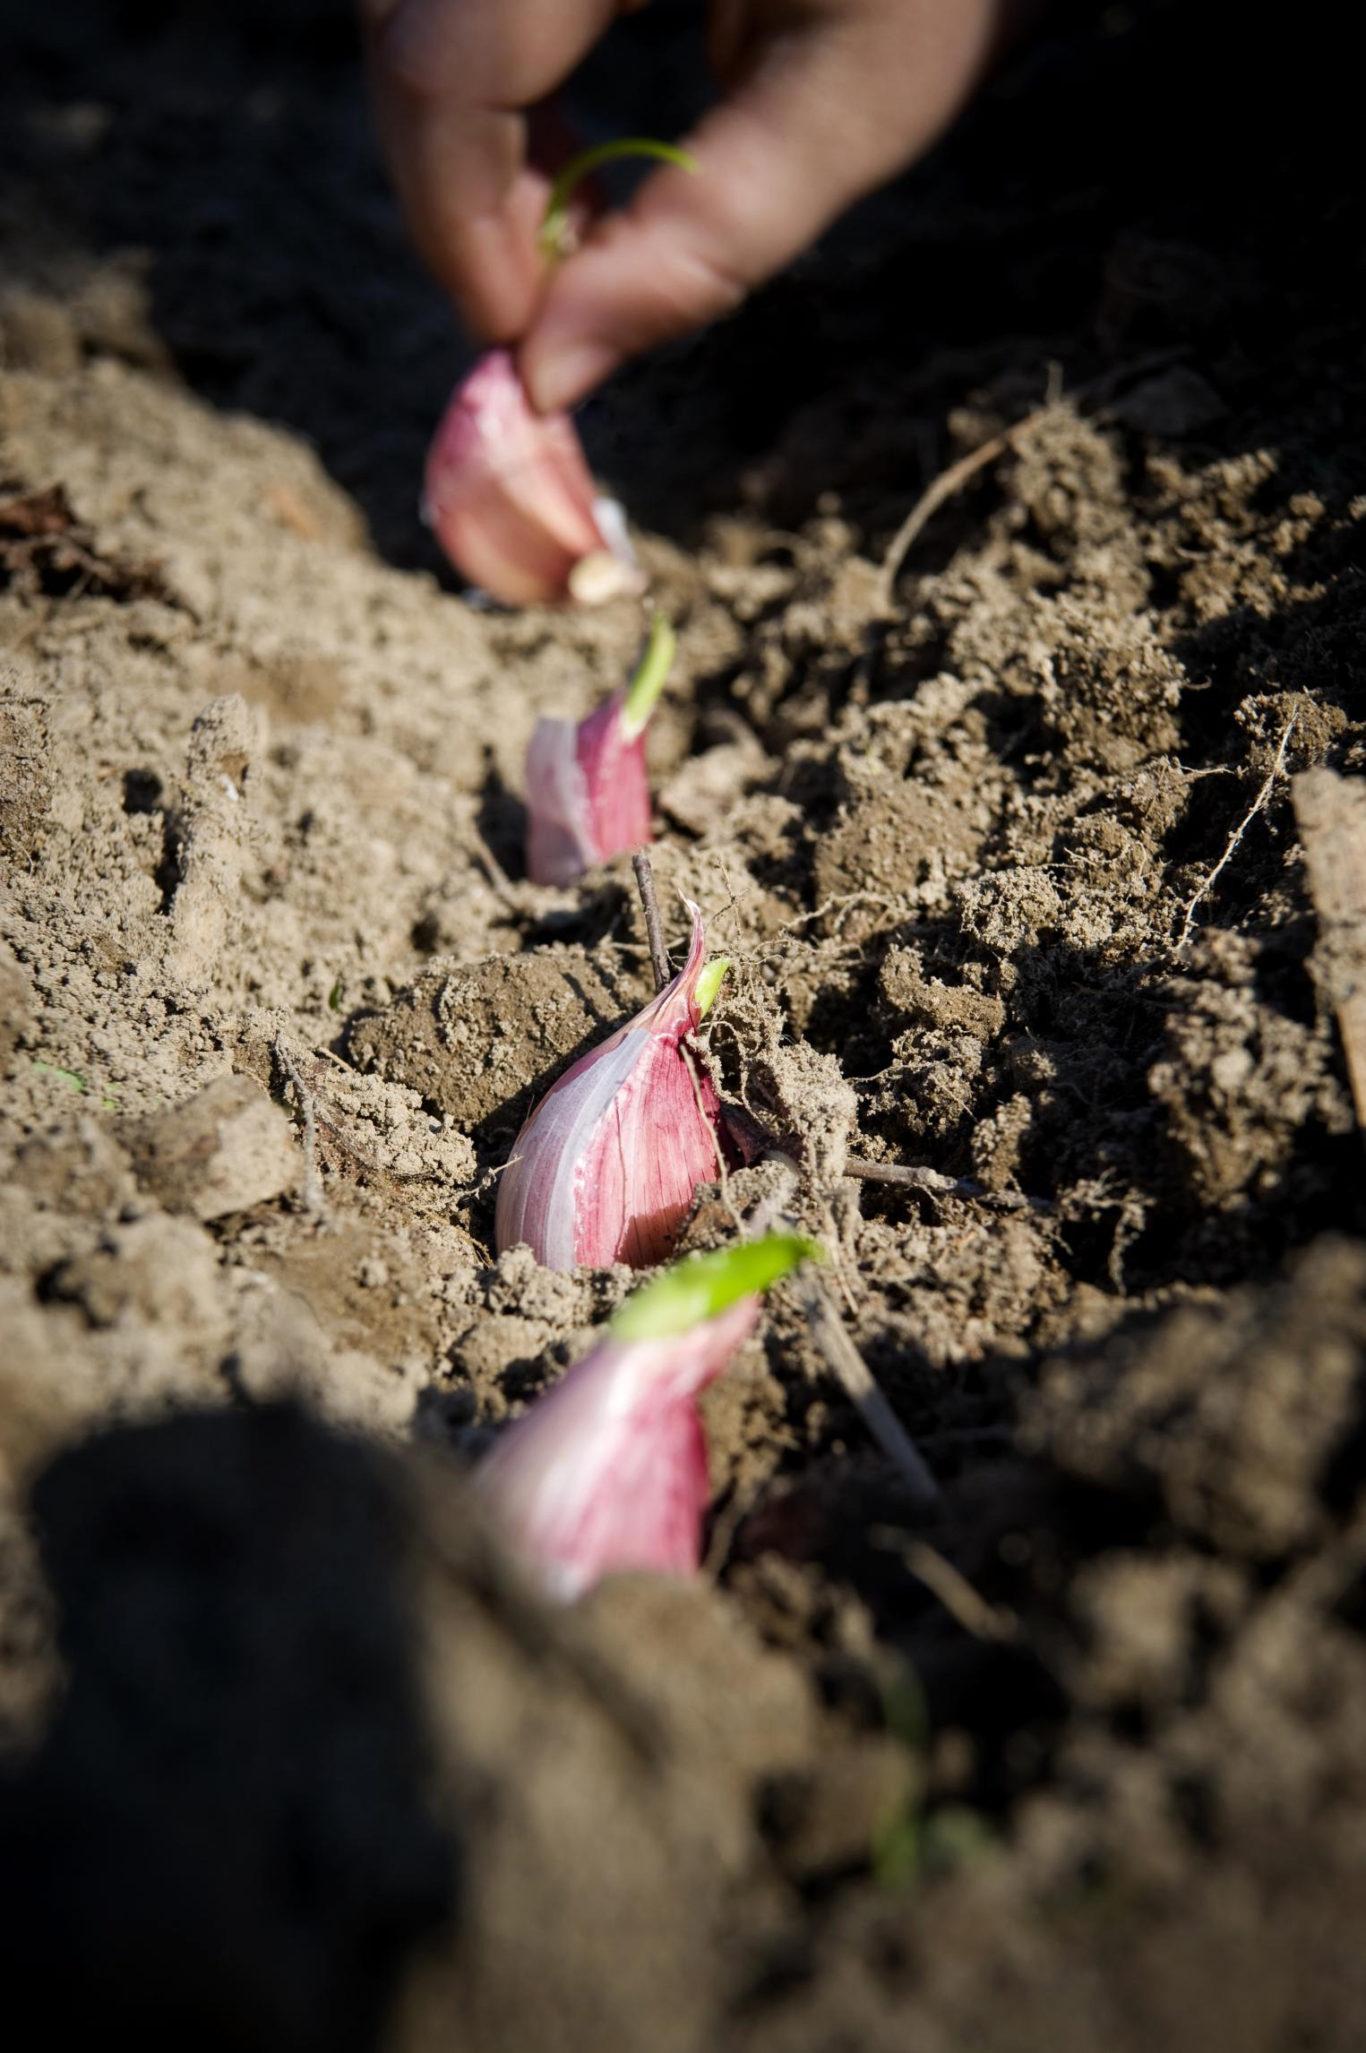 Значение сна сажать цветы 16